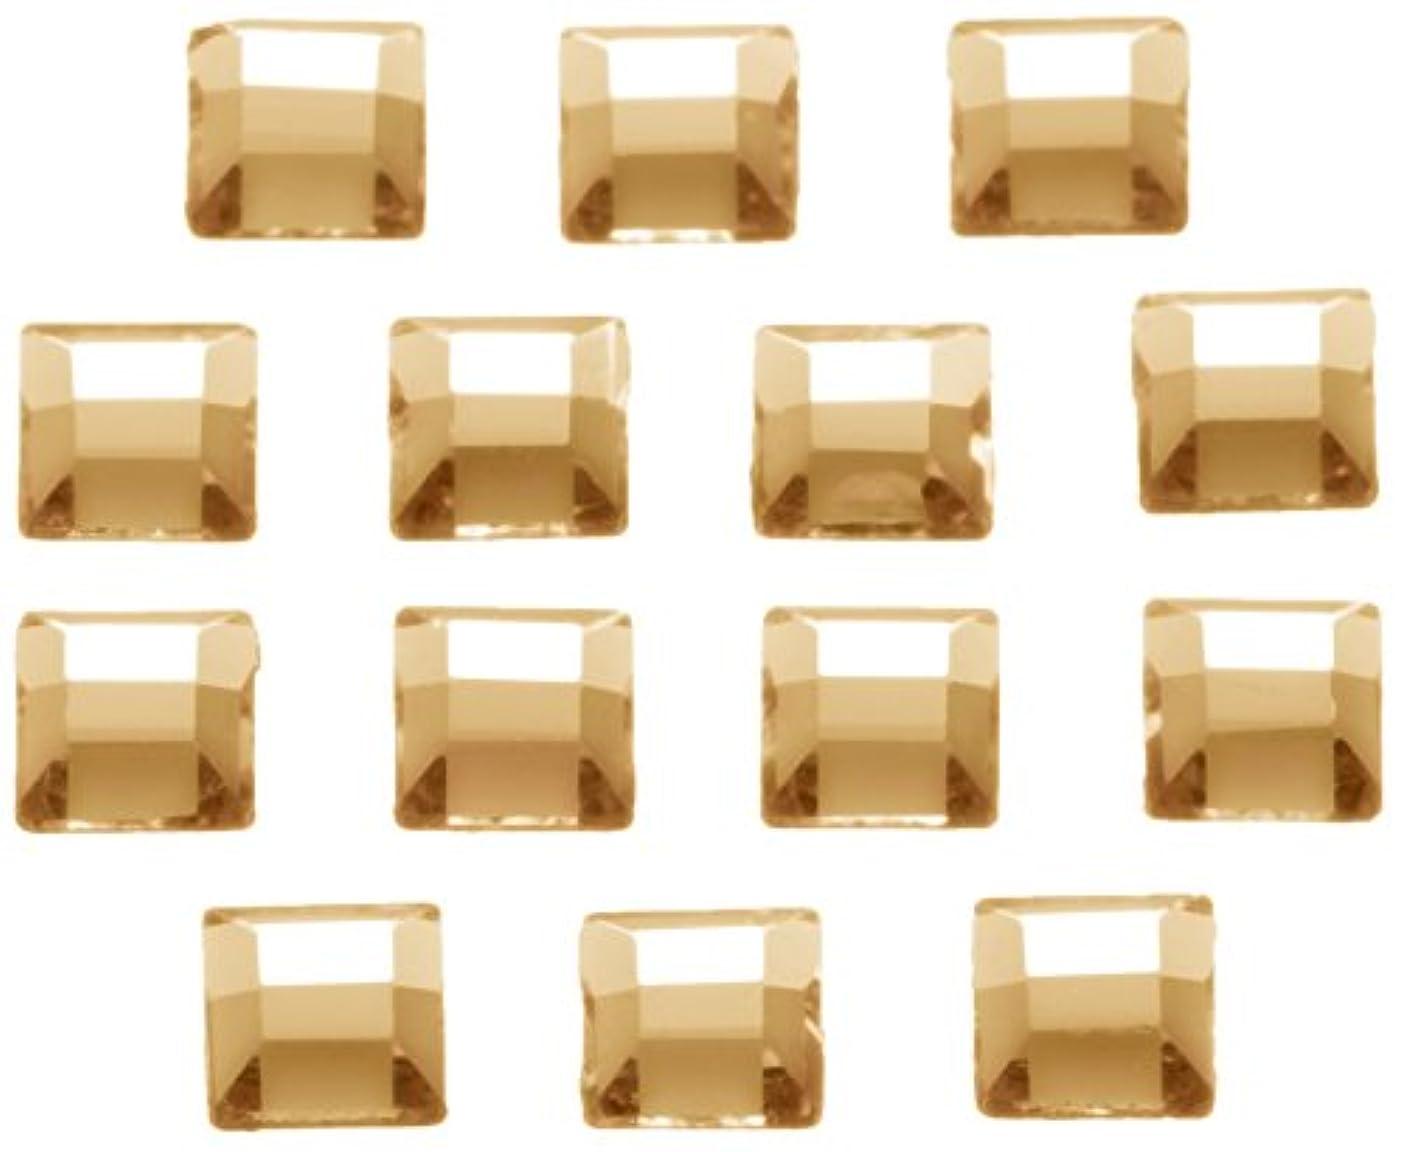 アブストラクト突然の保育園ネイルアートパーツ スクエア型クリスタルゴールデンシャドウ 3.0mm 36P